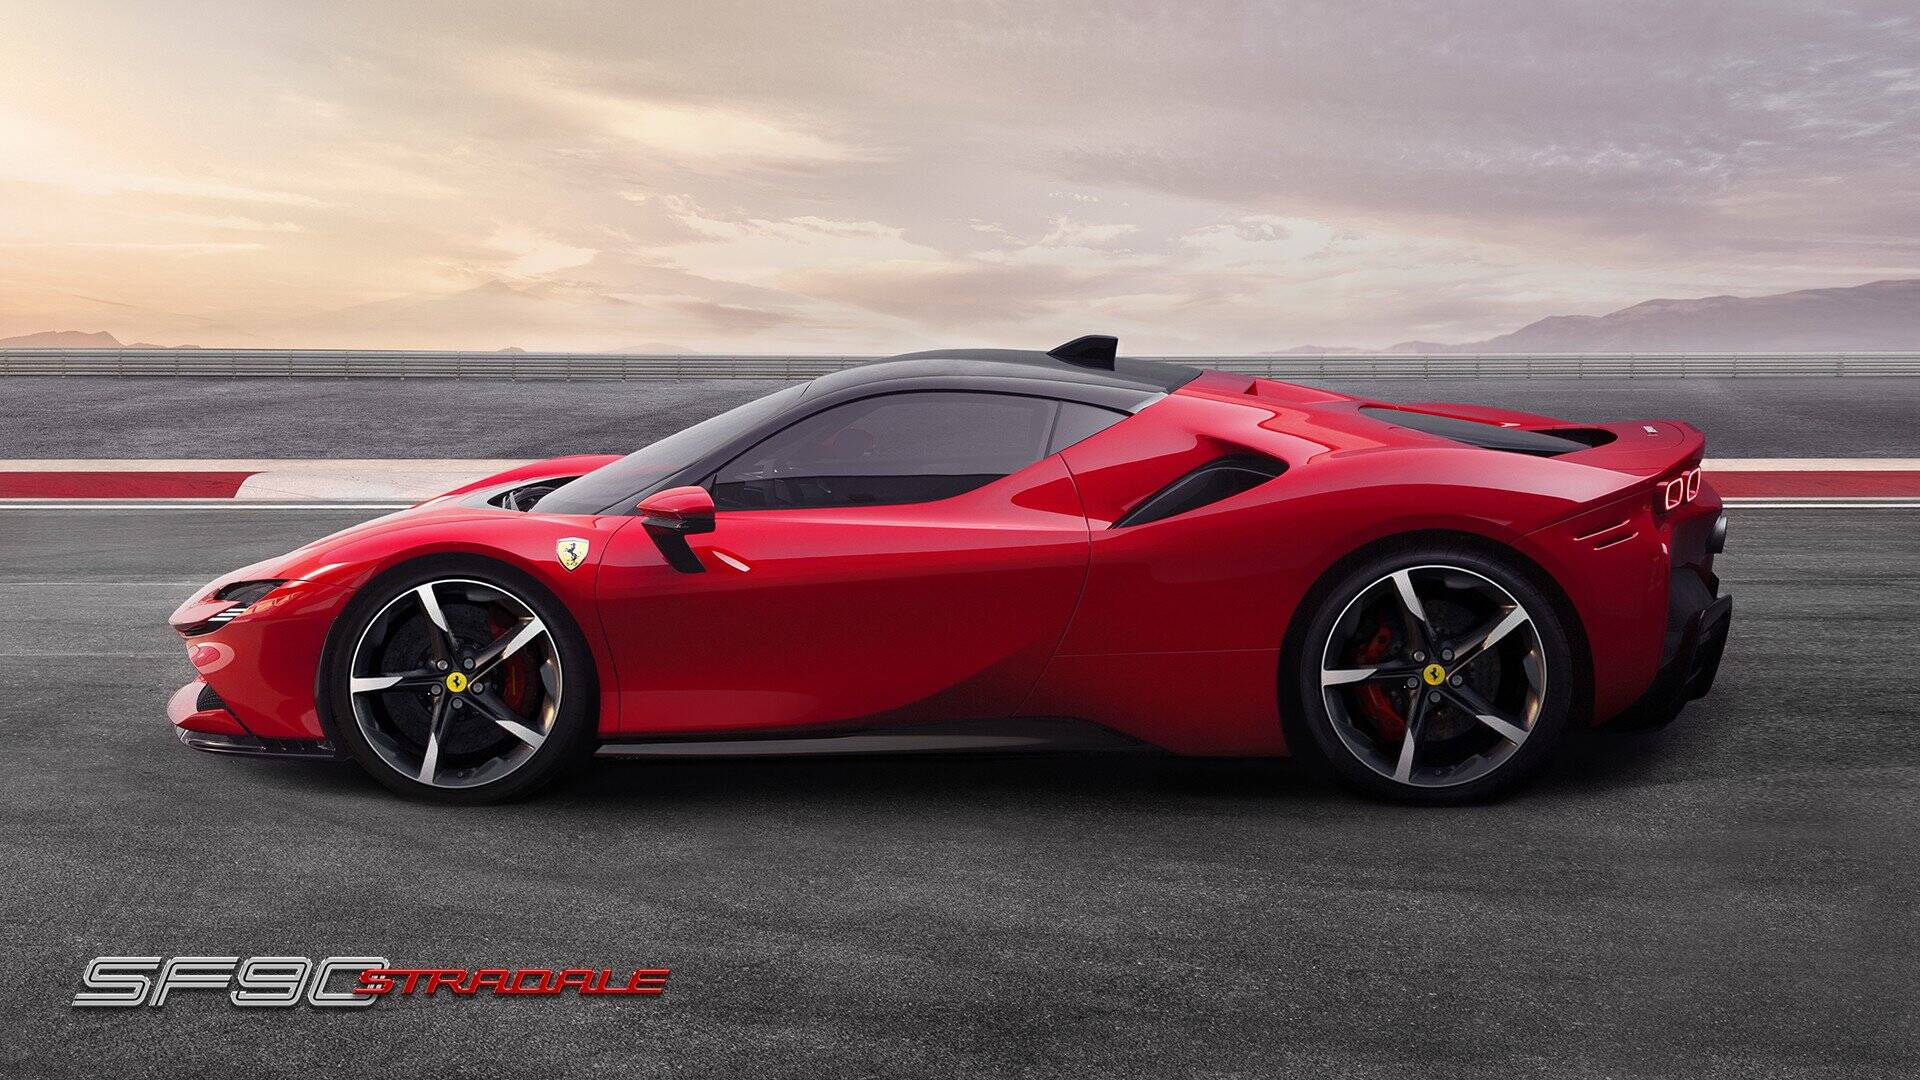 Ferrari SF90 Stradale. Foto: Divulgação